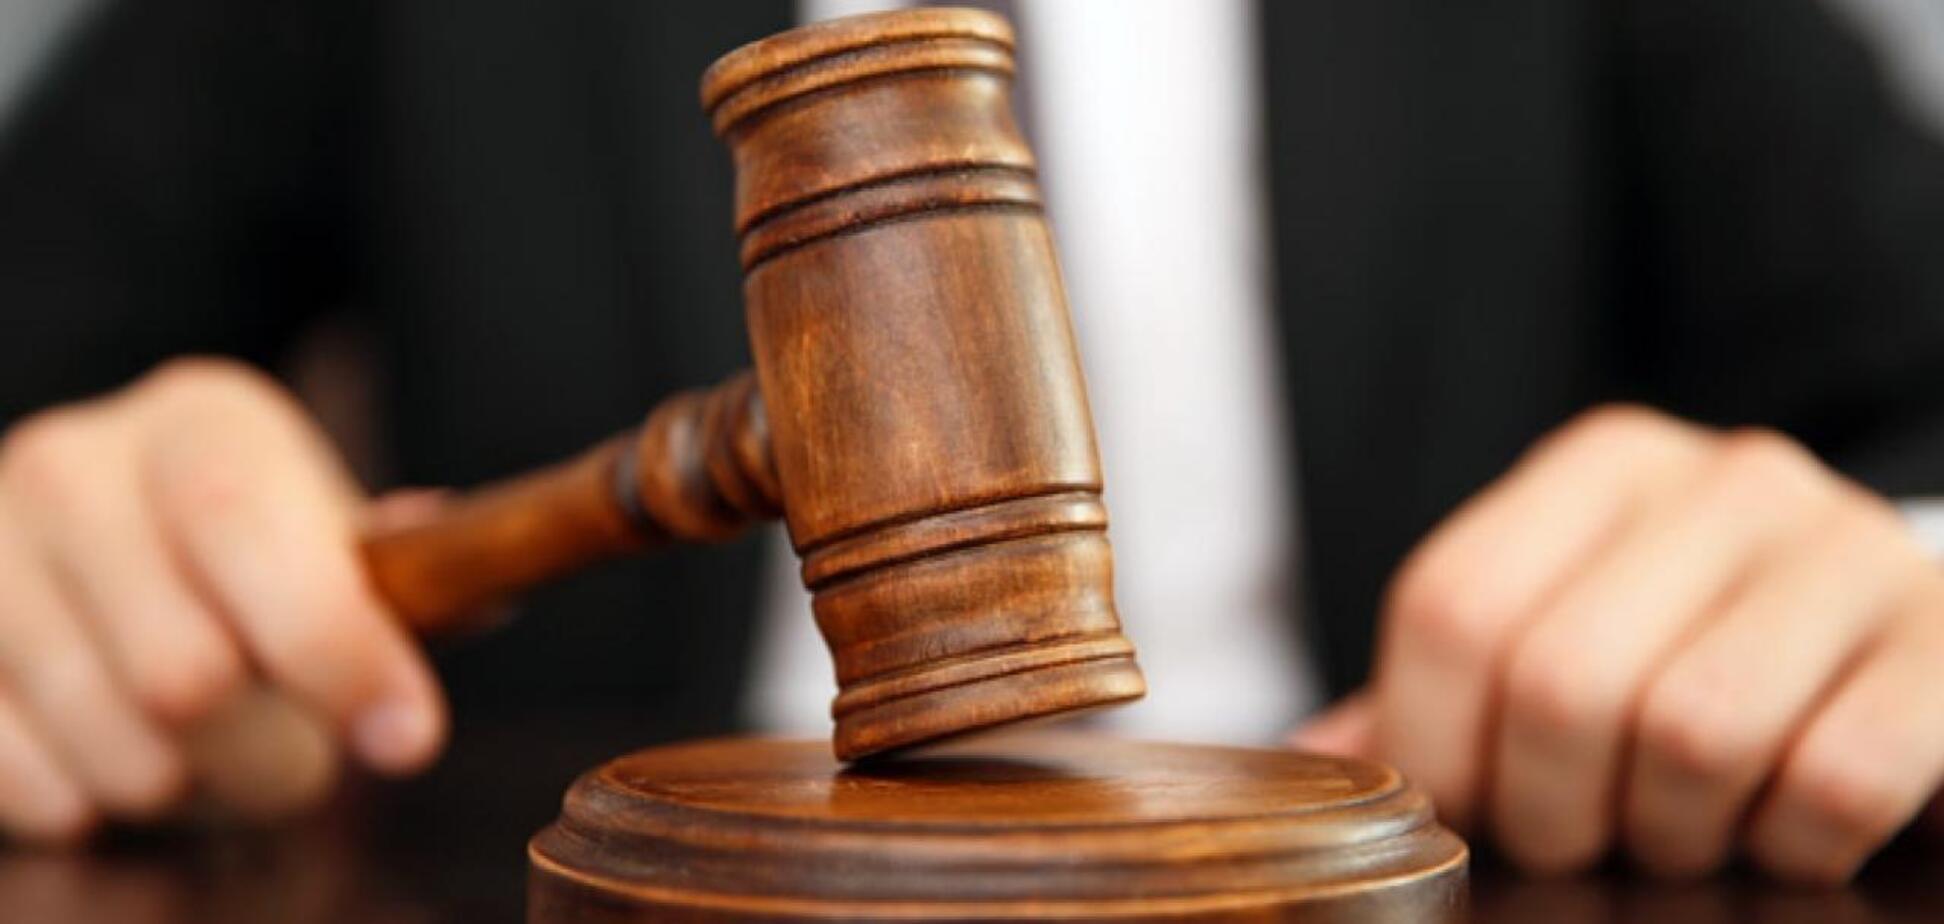 Більше ніж половина українців за два роки втратили довіру до судів – опитування